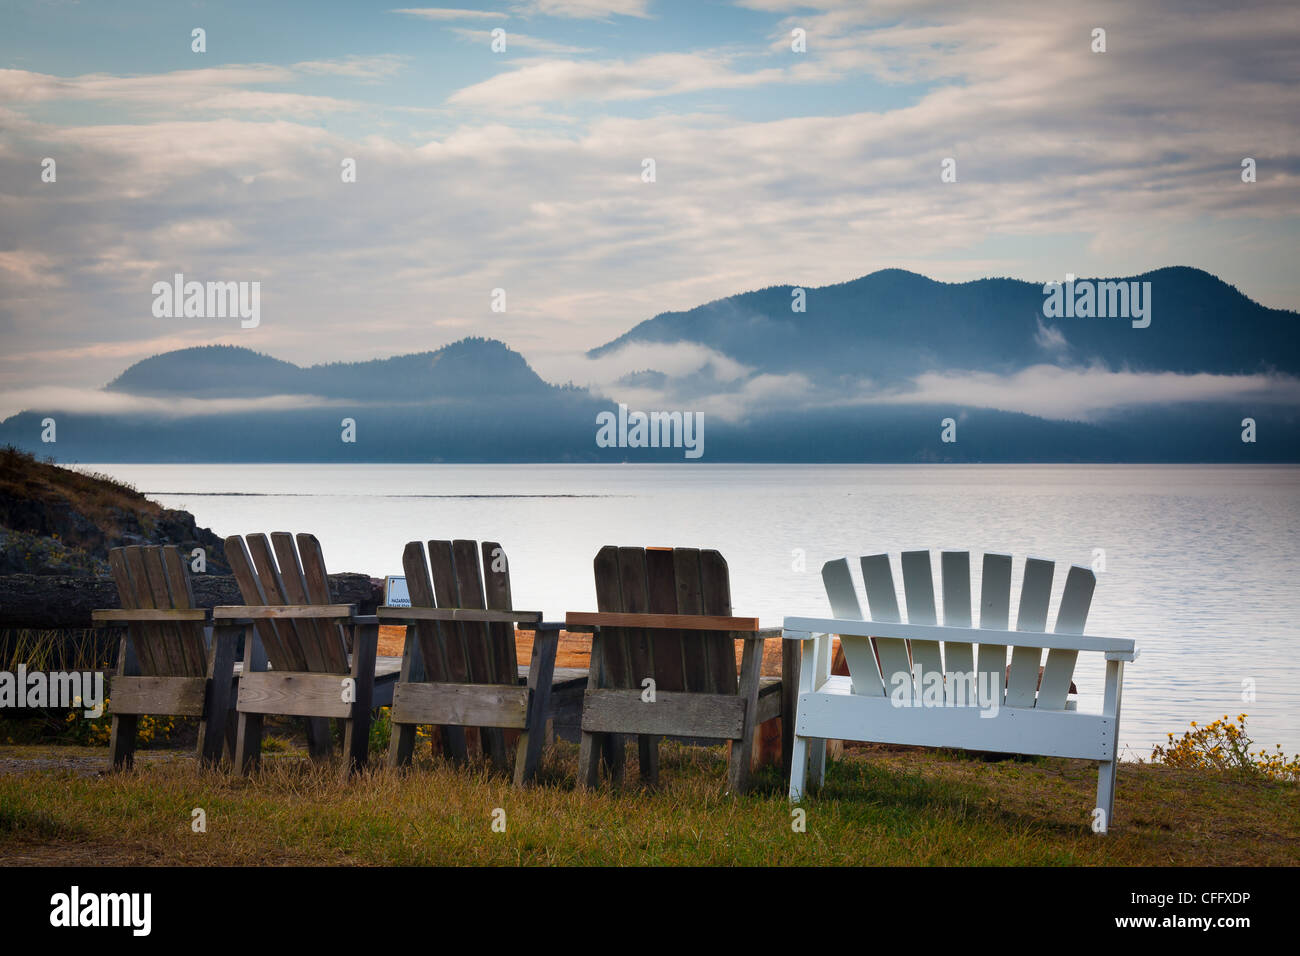 Doe Bay en la Isla Orca, la mayor de las Islas San Juan, en el estado de Washington Imagen De Stock